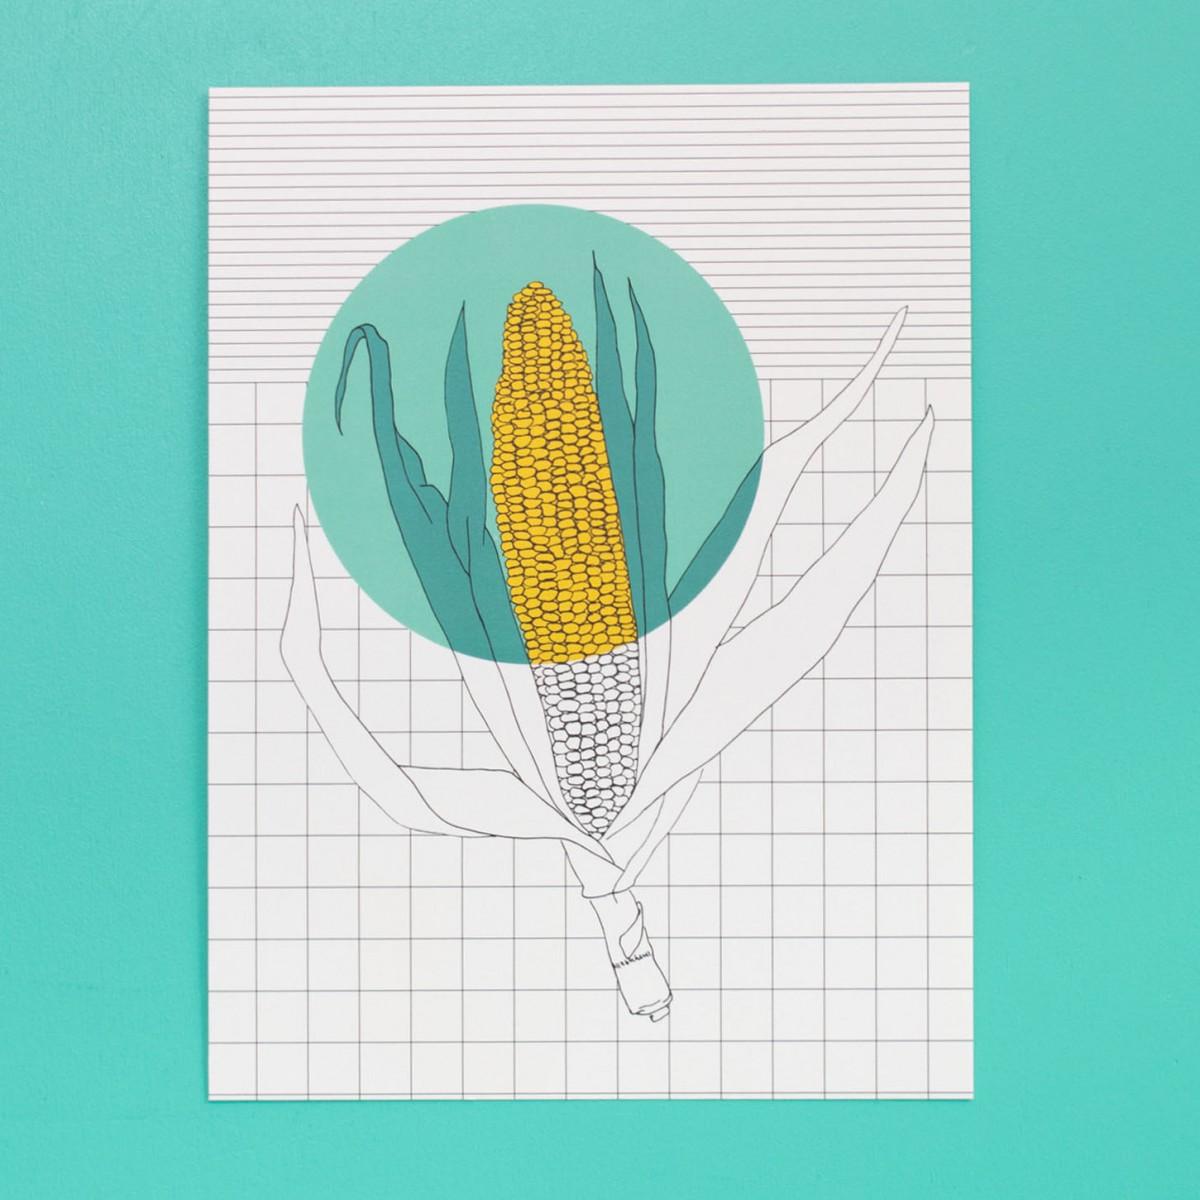 polypodium / Print - Mais - 15 cm x 20 cm - A5